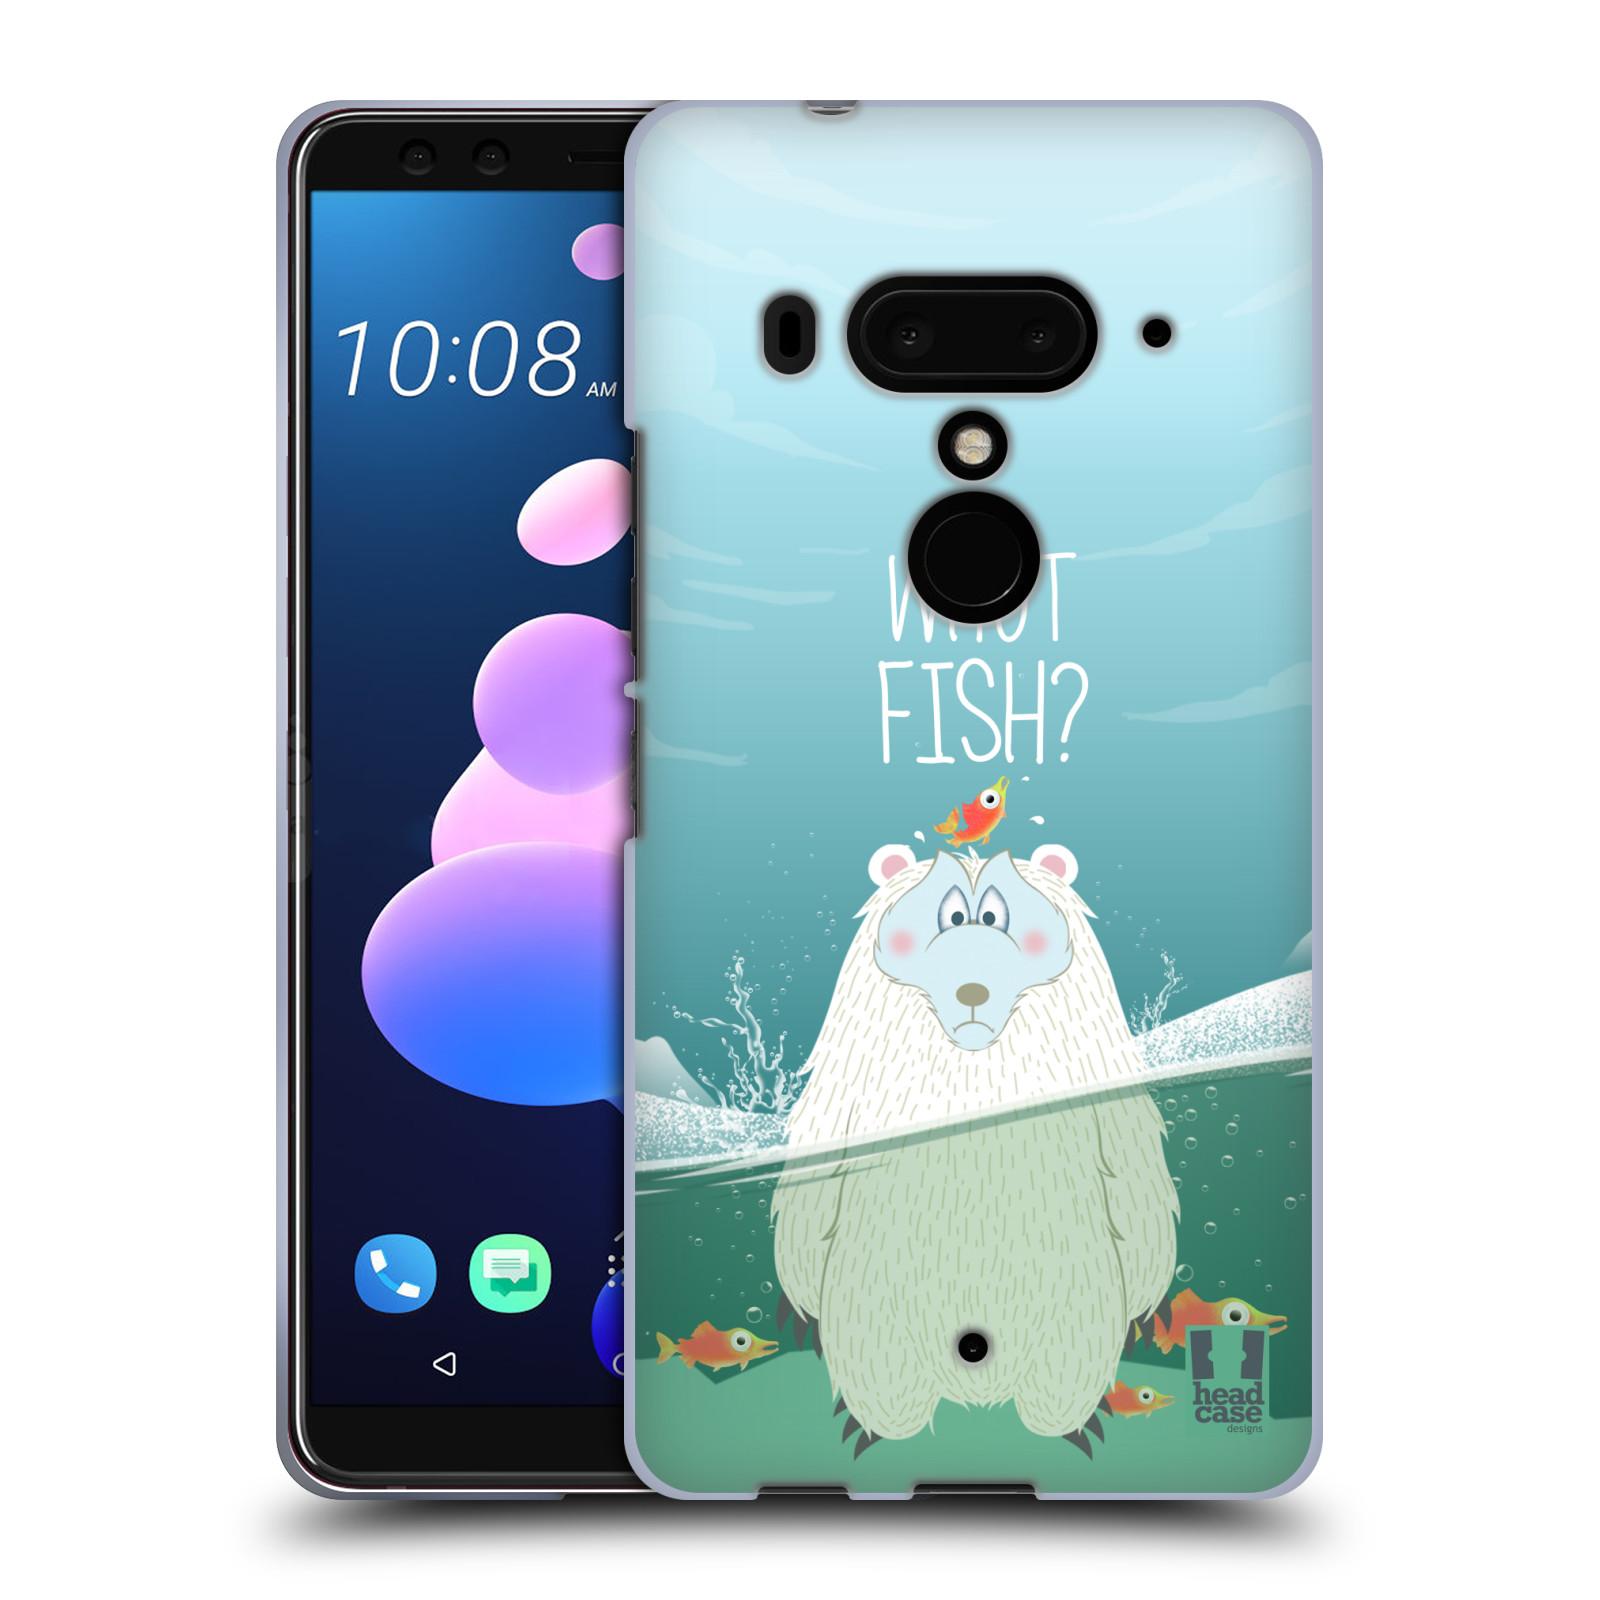 Silikonové pouzdro na mobil HTC U12 Plus - Head Case - Medvěd Whut Fish?